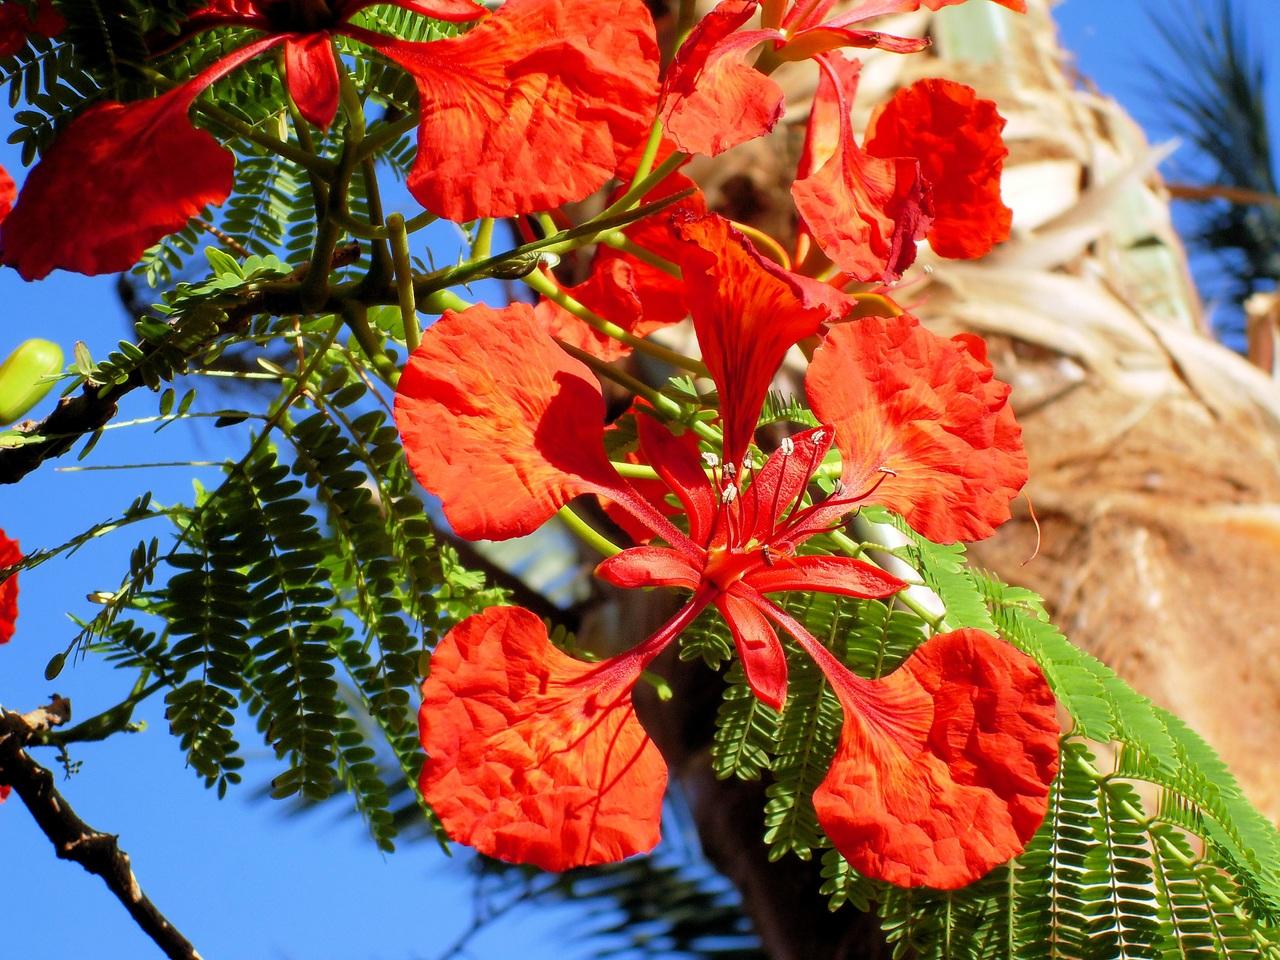 Vista del flamboyan en flor